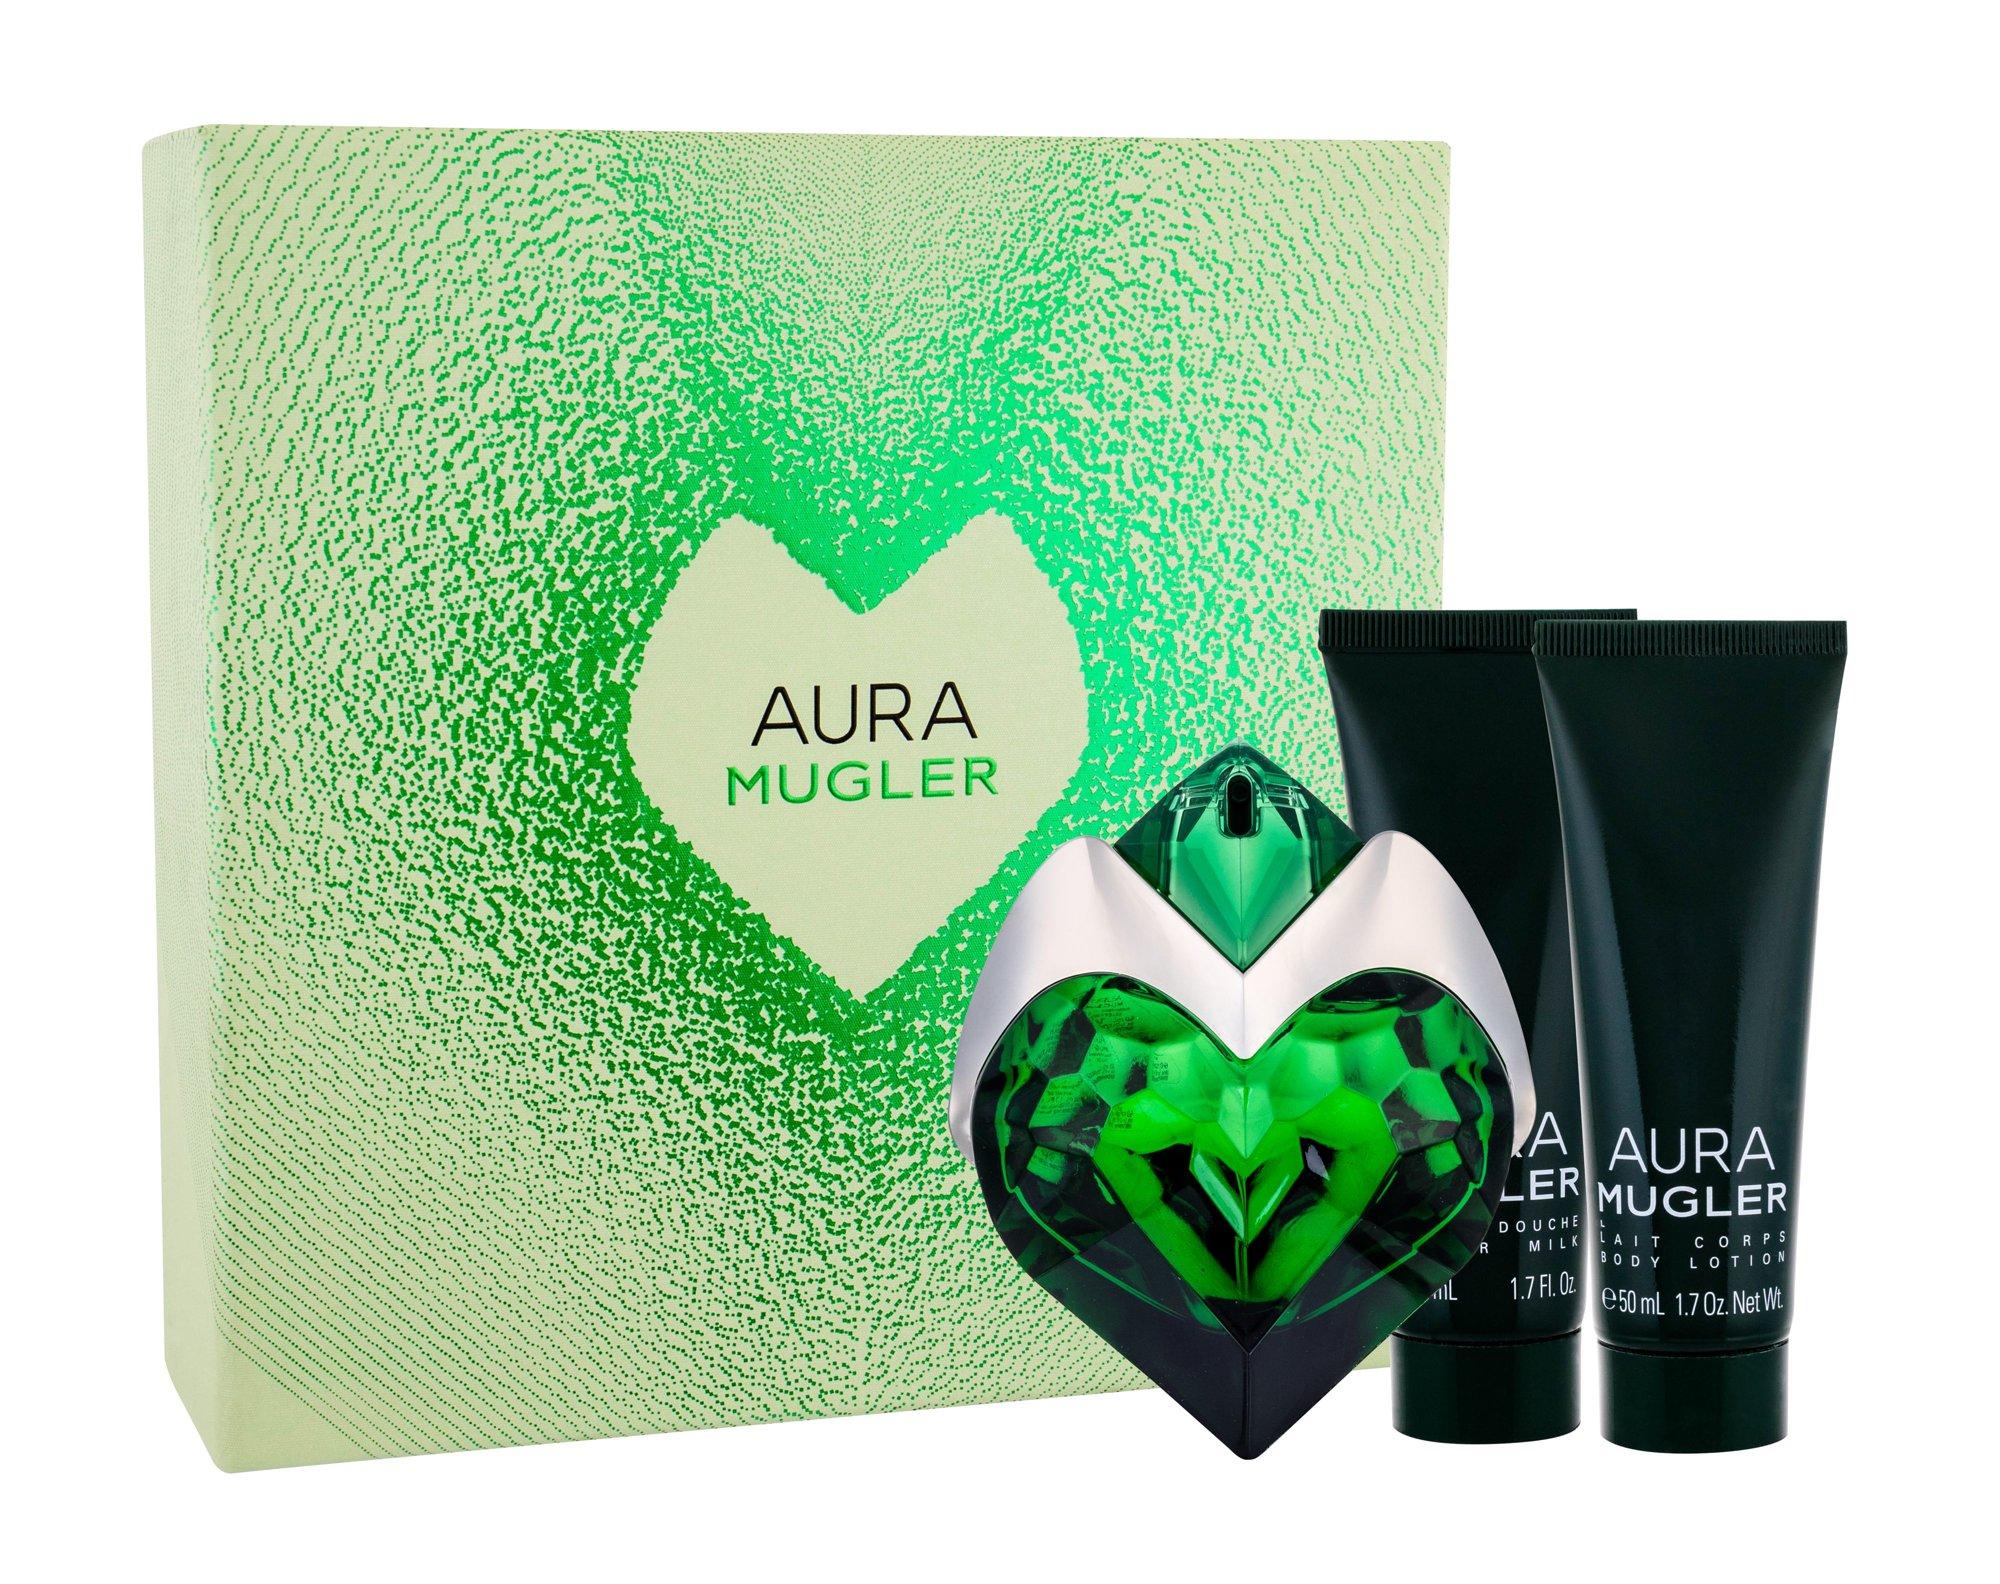 Thierry Mugler Aura Eau de Parfum 50ml